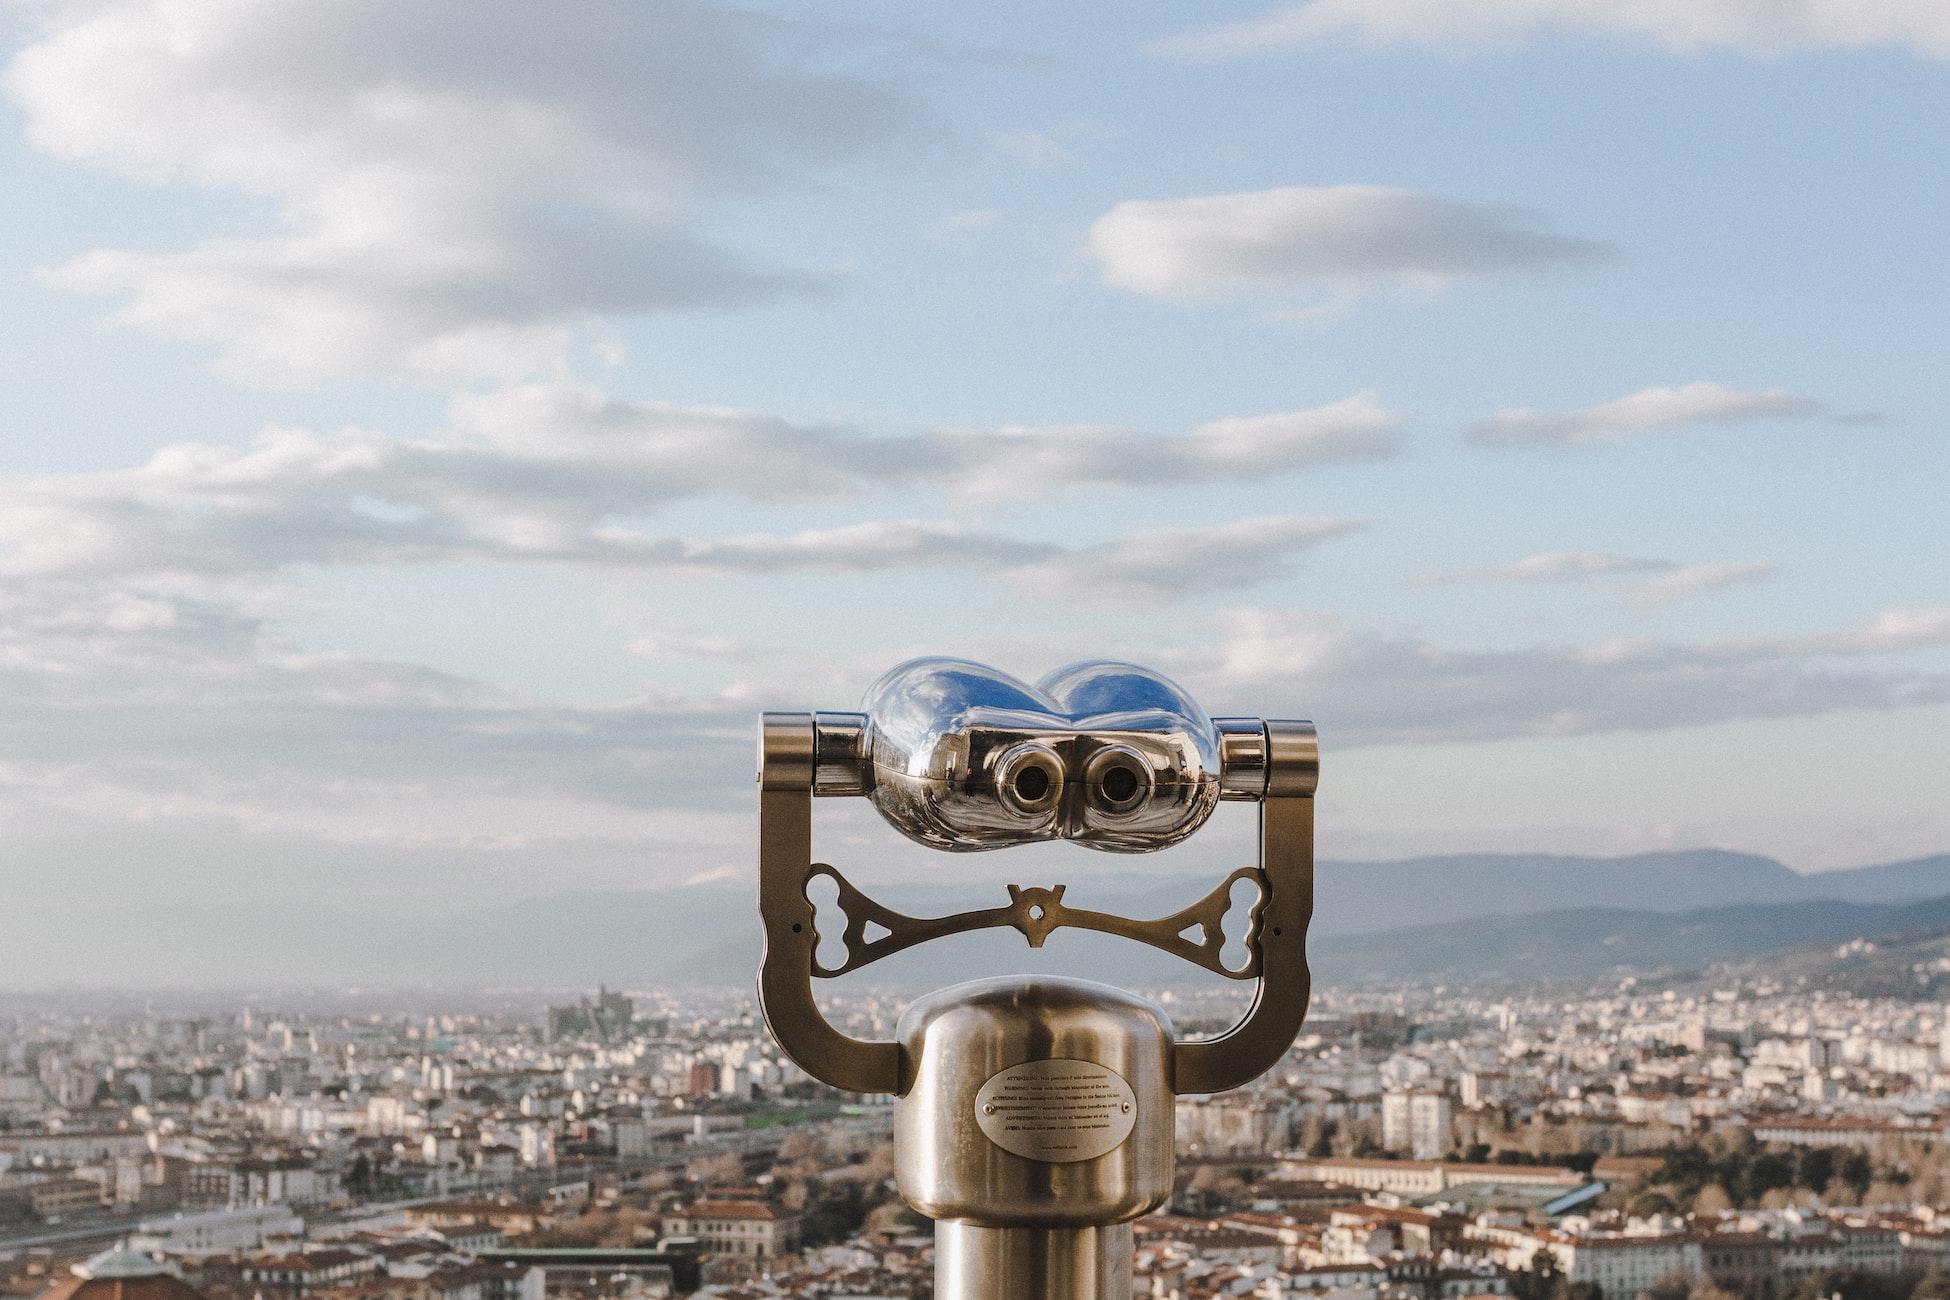 Binoculars overlooking Florence, Italy